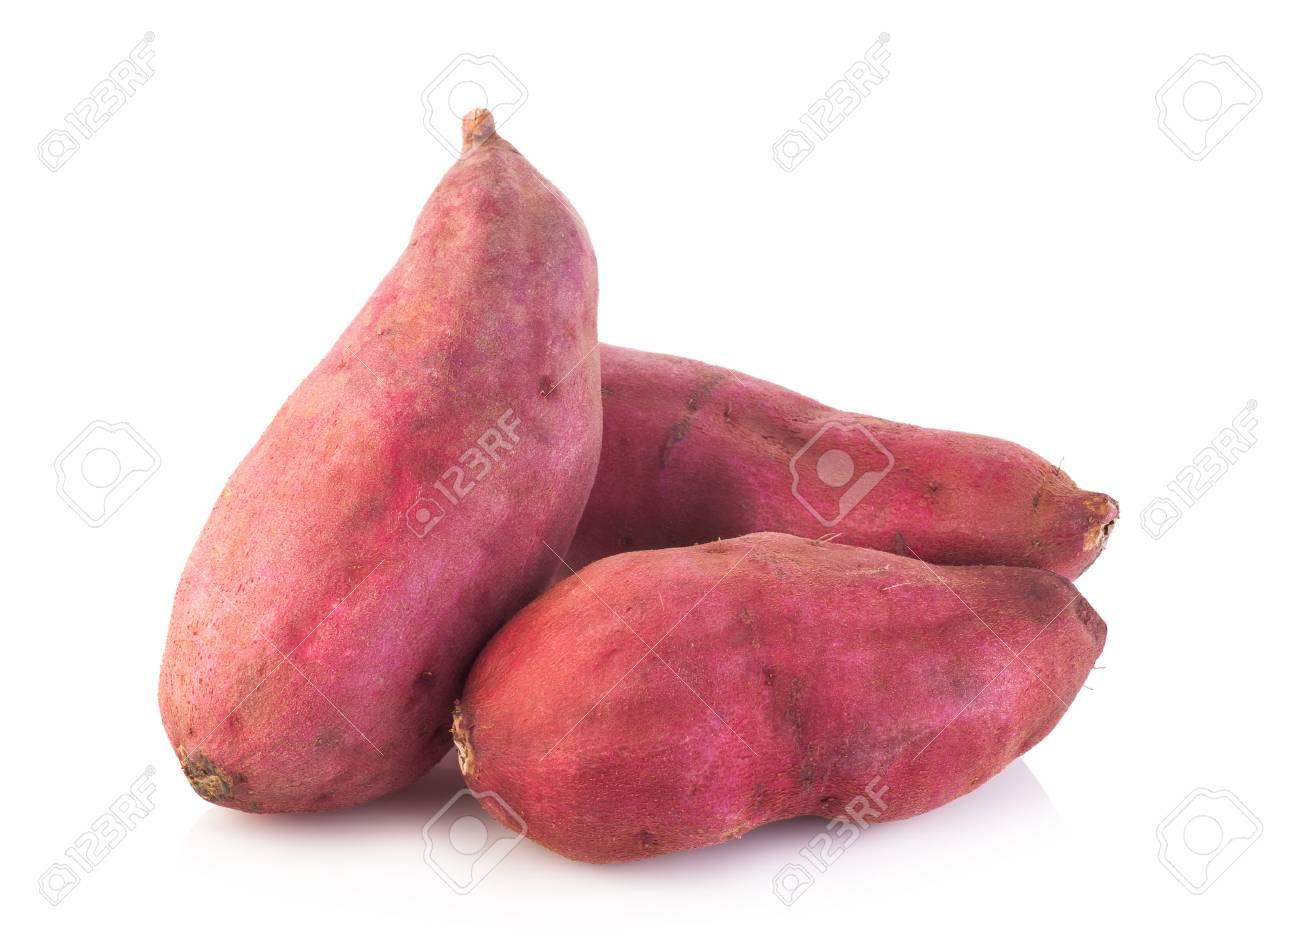 sweet potato on the white background - 44152818